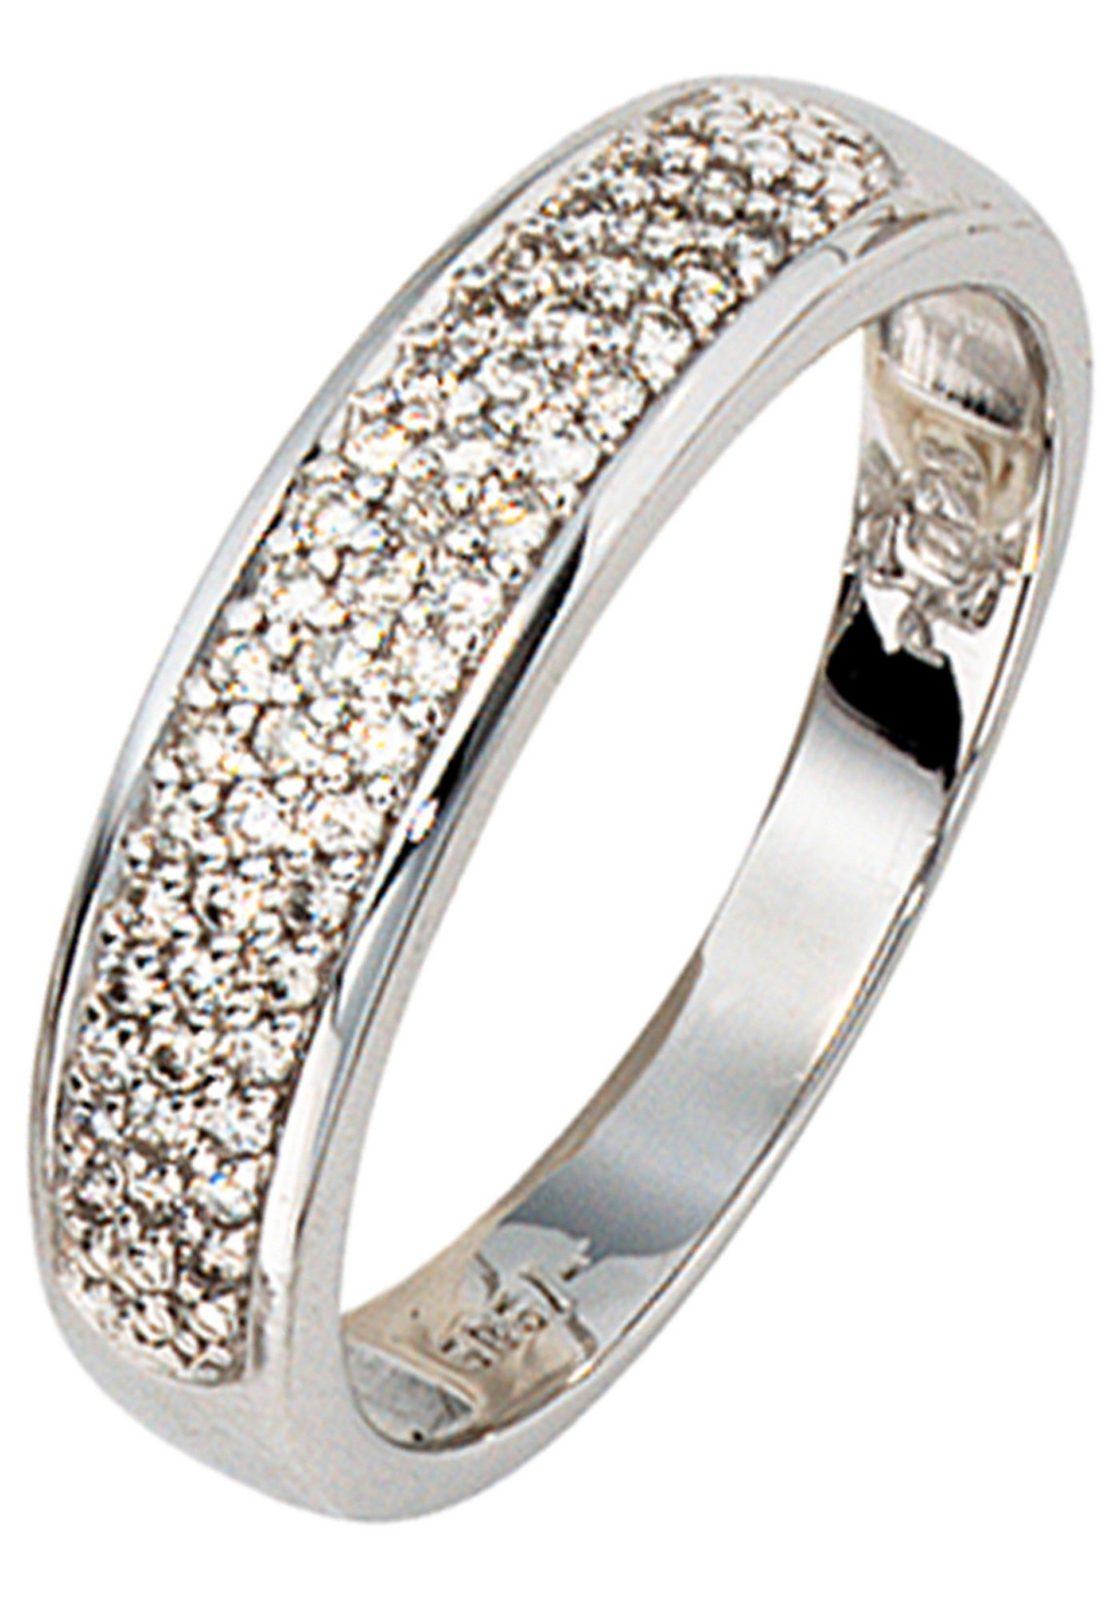 JOBO Diamantring 585 Weißgold mit 50 Diamanten